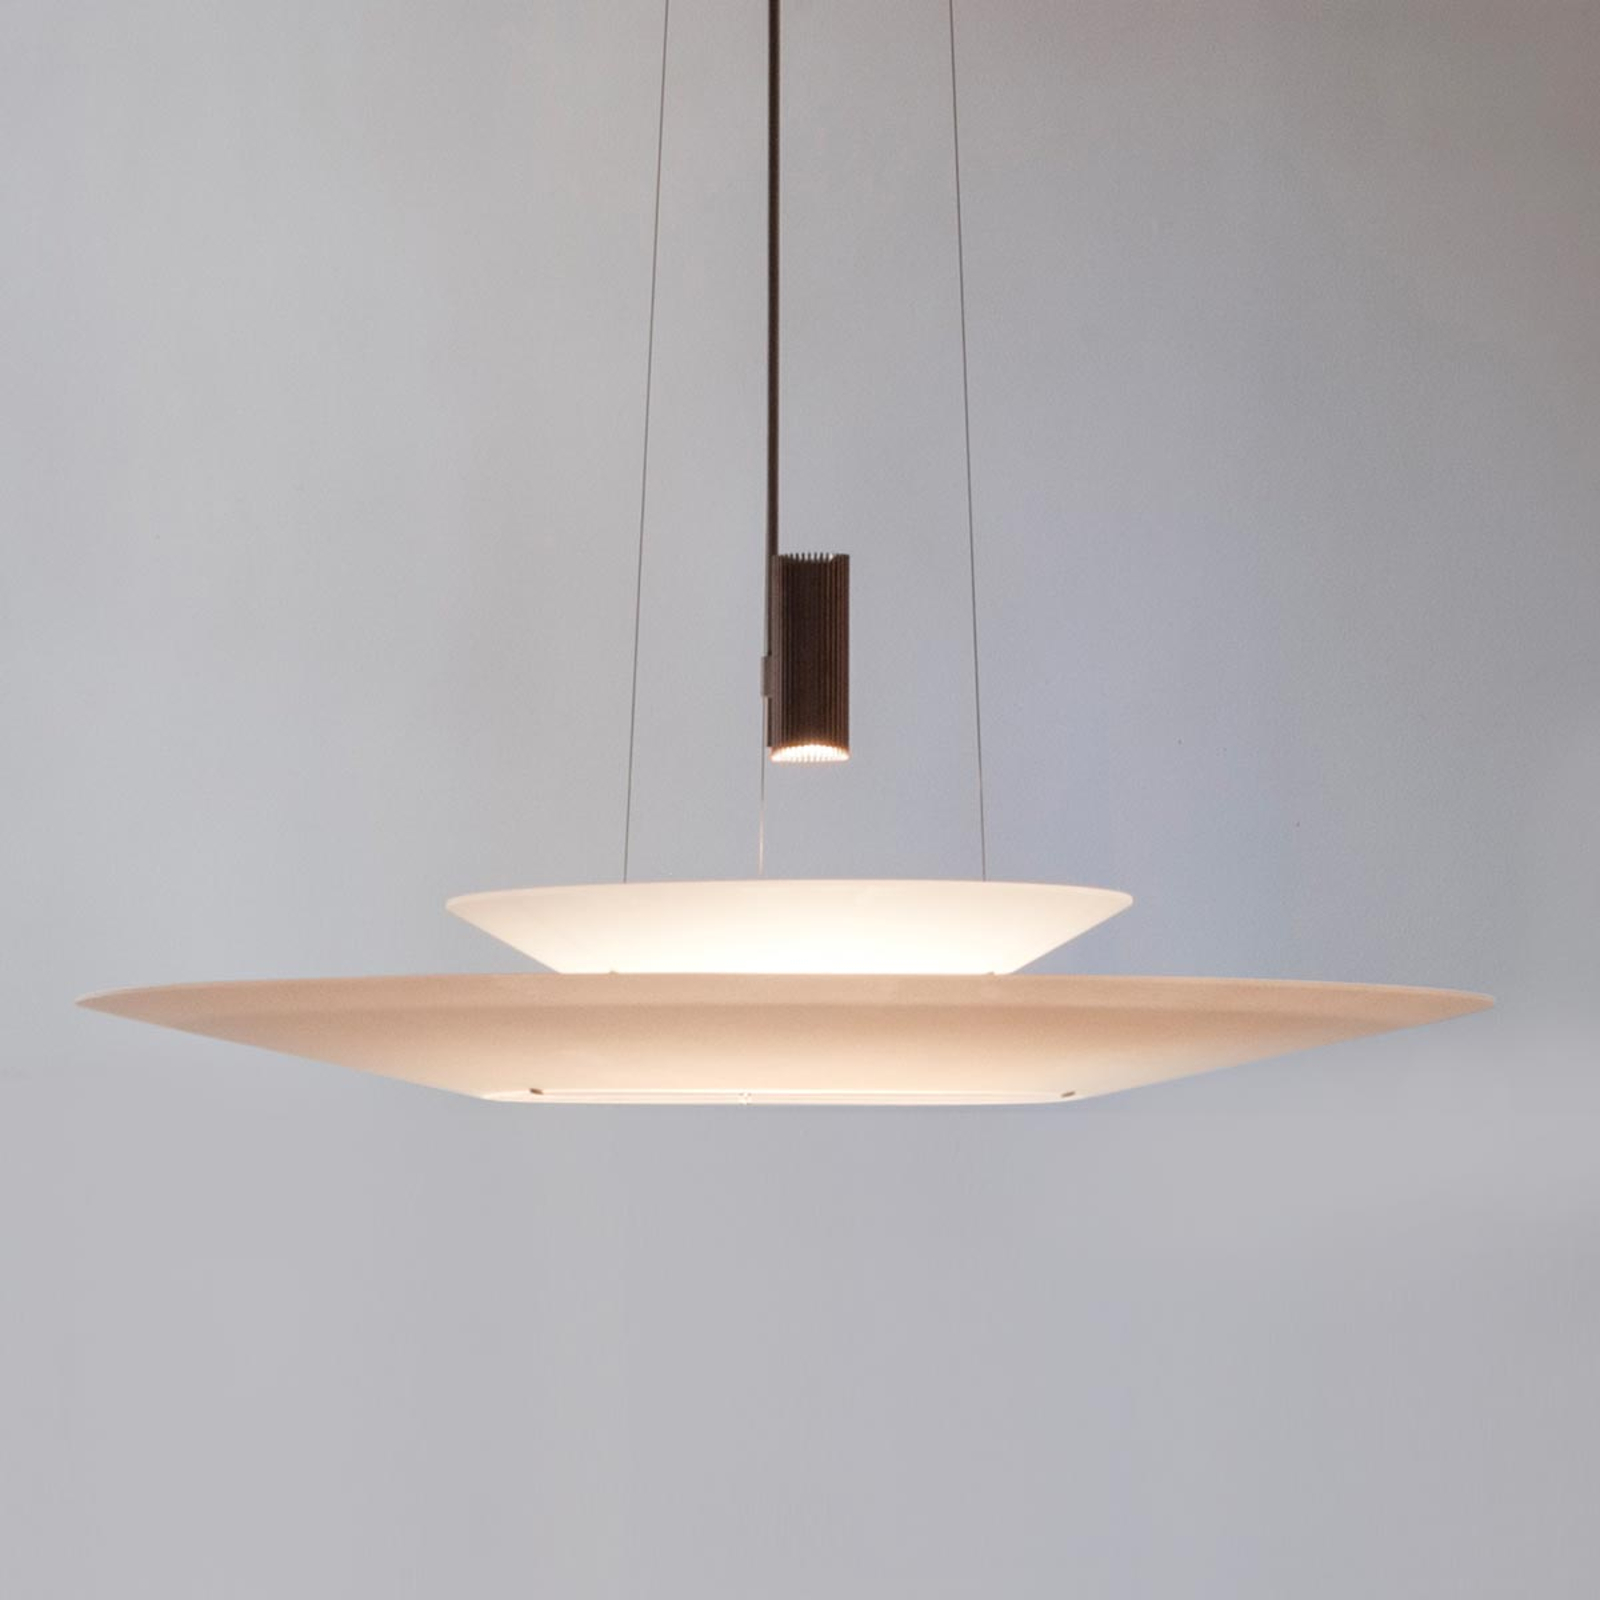 Poikkeuksellinen LED-riippuvalaisin Flamingo